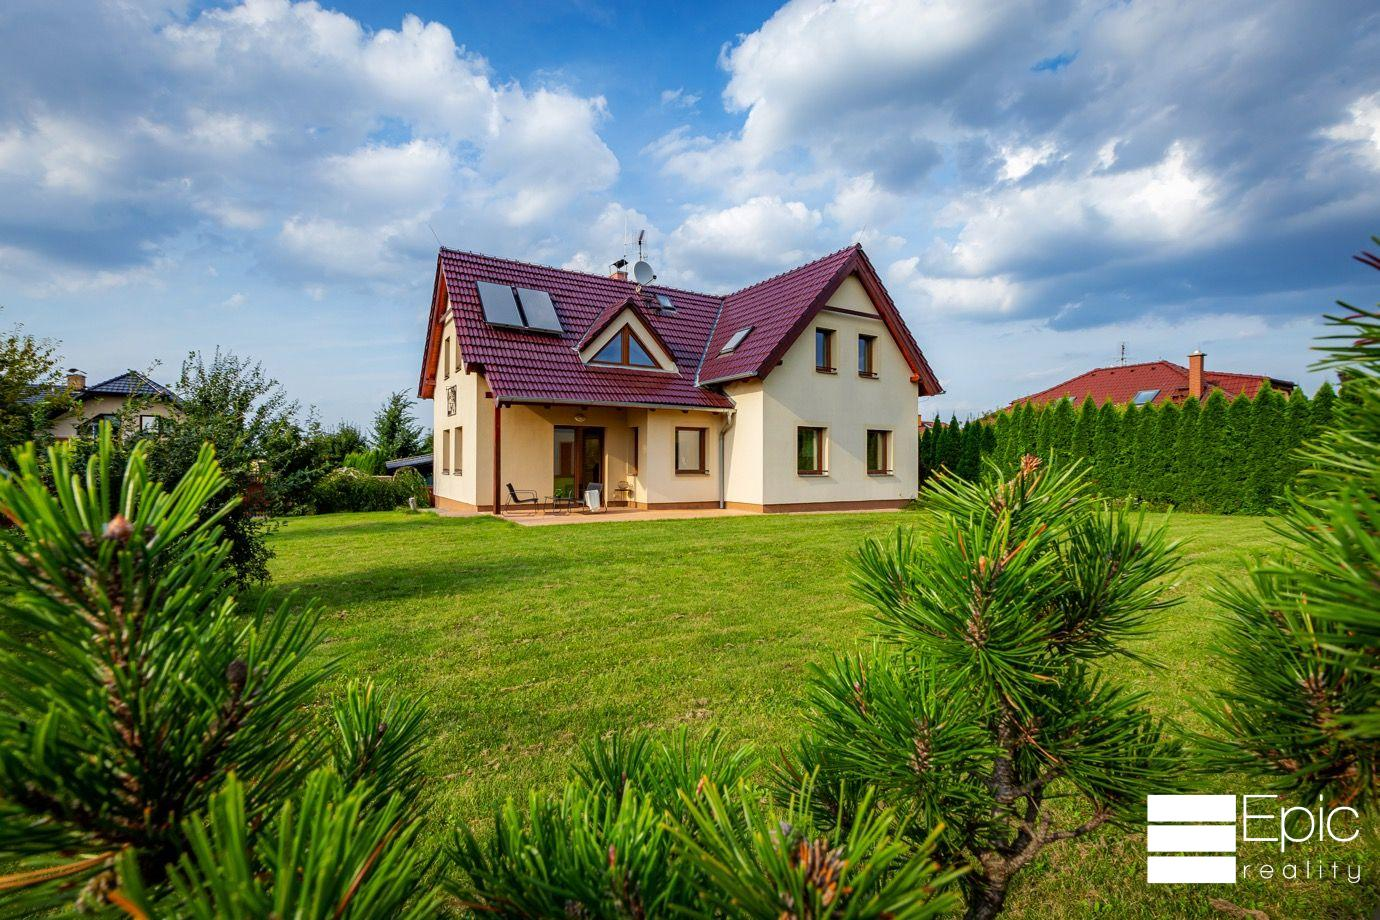 Nabízíme prodej rodinného domu 5+1, 210m2, Veleň, hypotéka možná